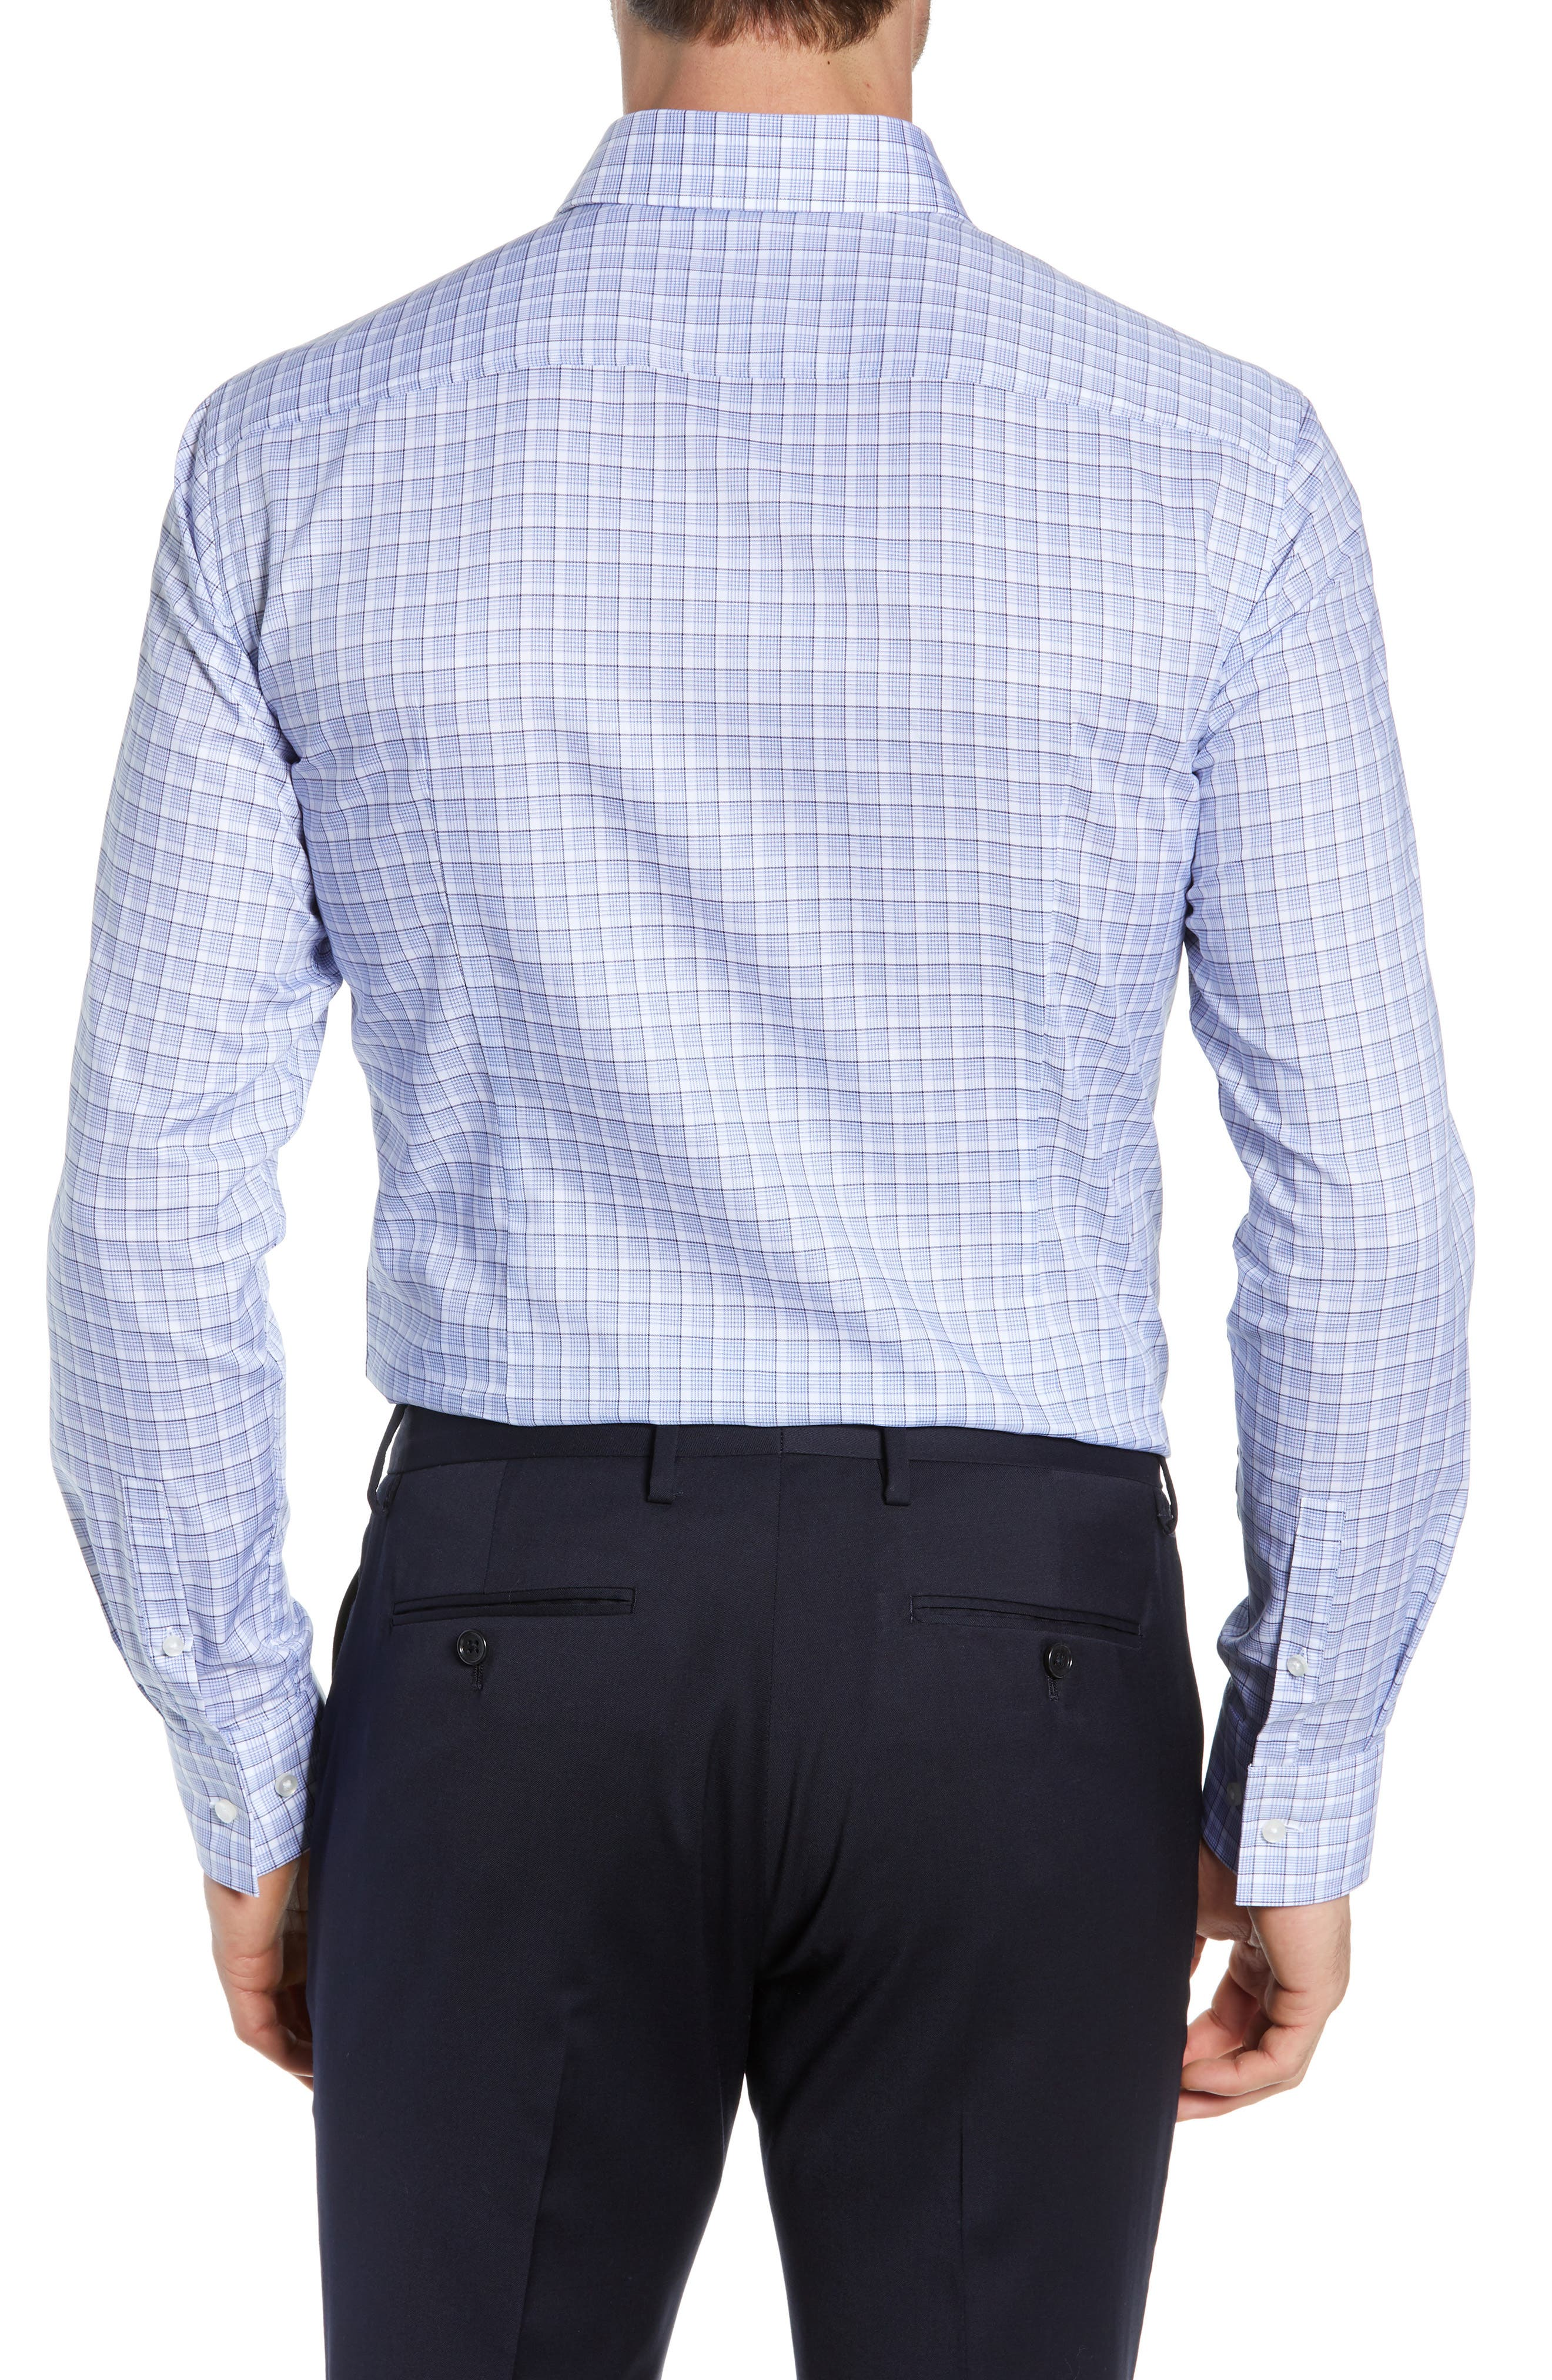 BOSS, Jenno Slim Fit Plaid Dress Shirt, Alternate thumbnail 3, color, BLUE